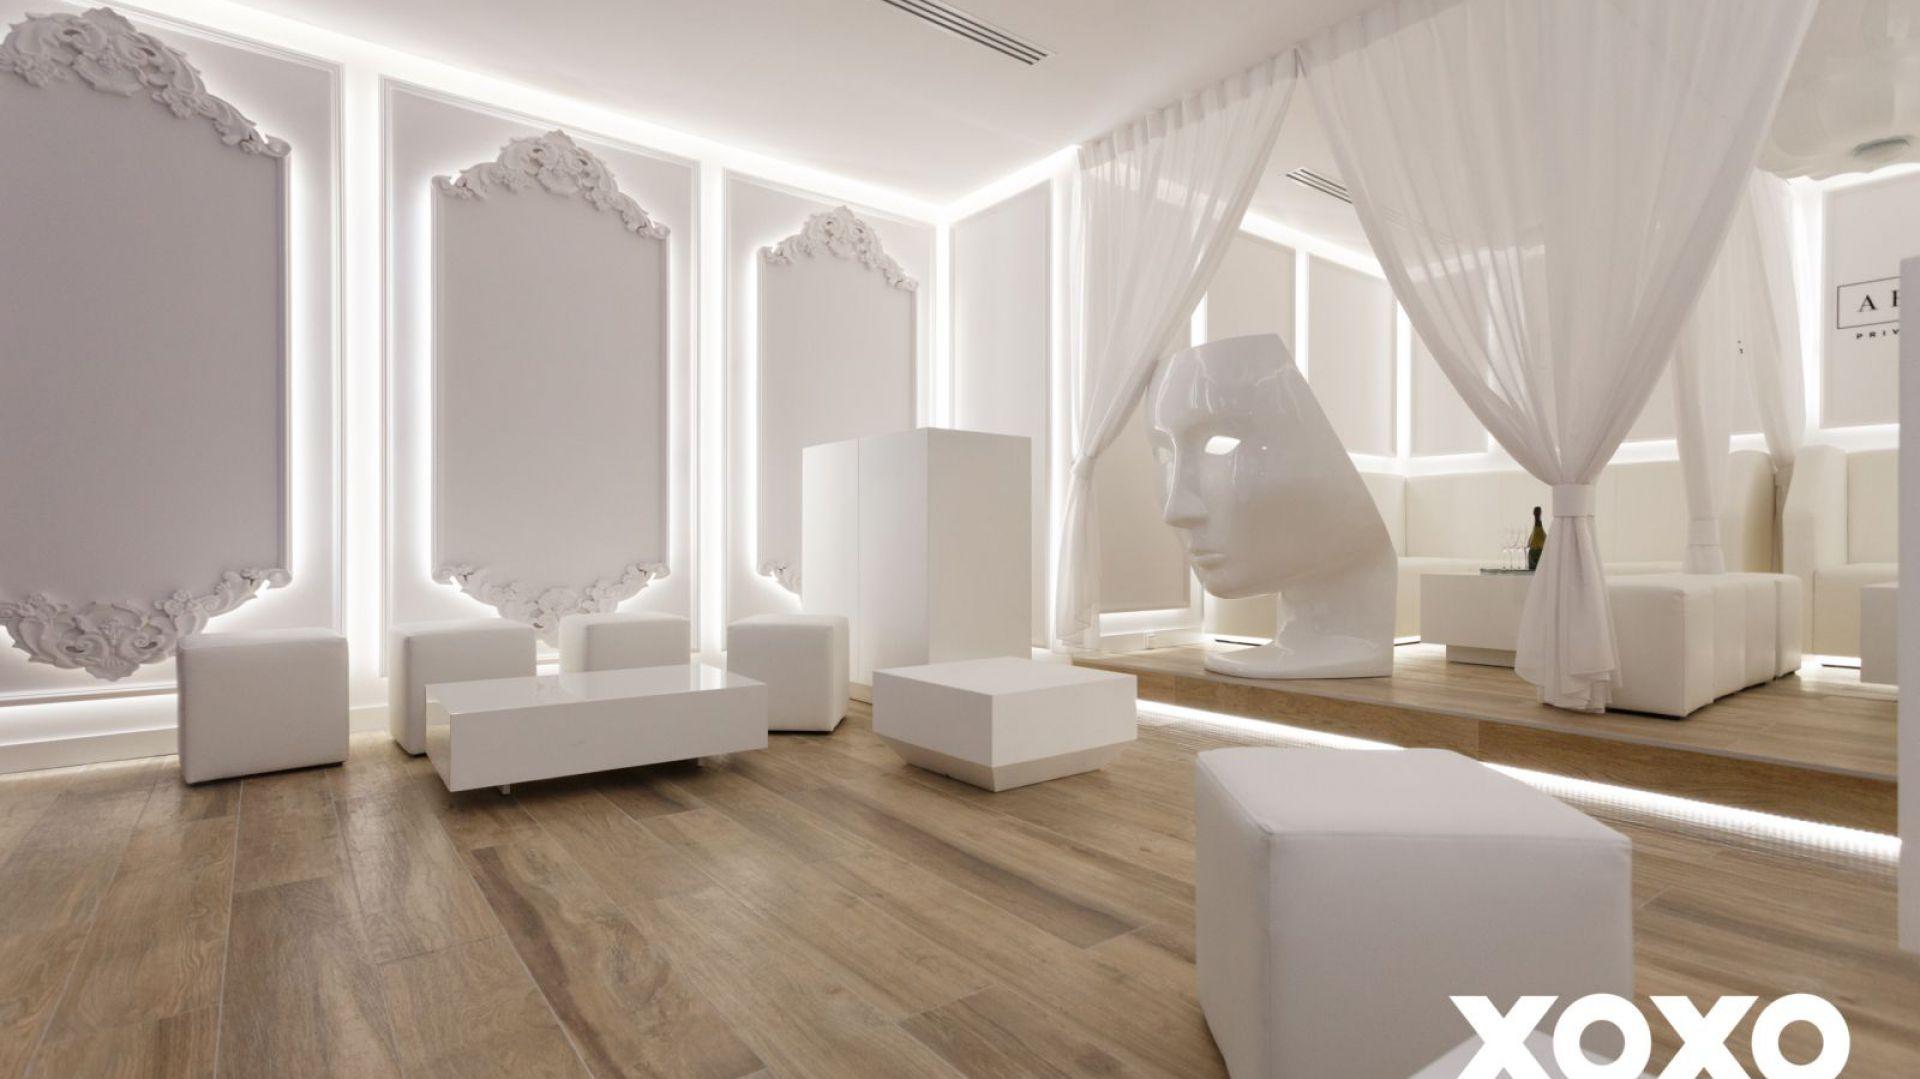 Klub Xoxo Party zaprojektowany przez pracownię Naboo.